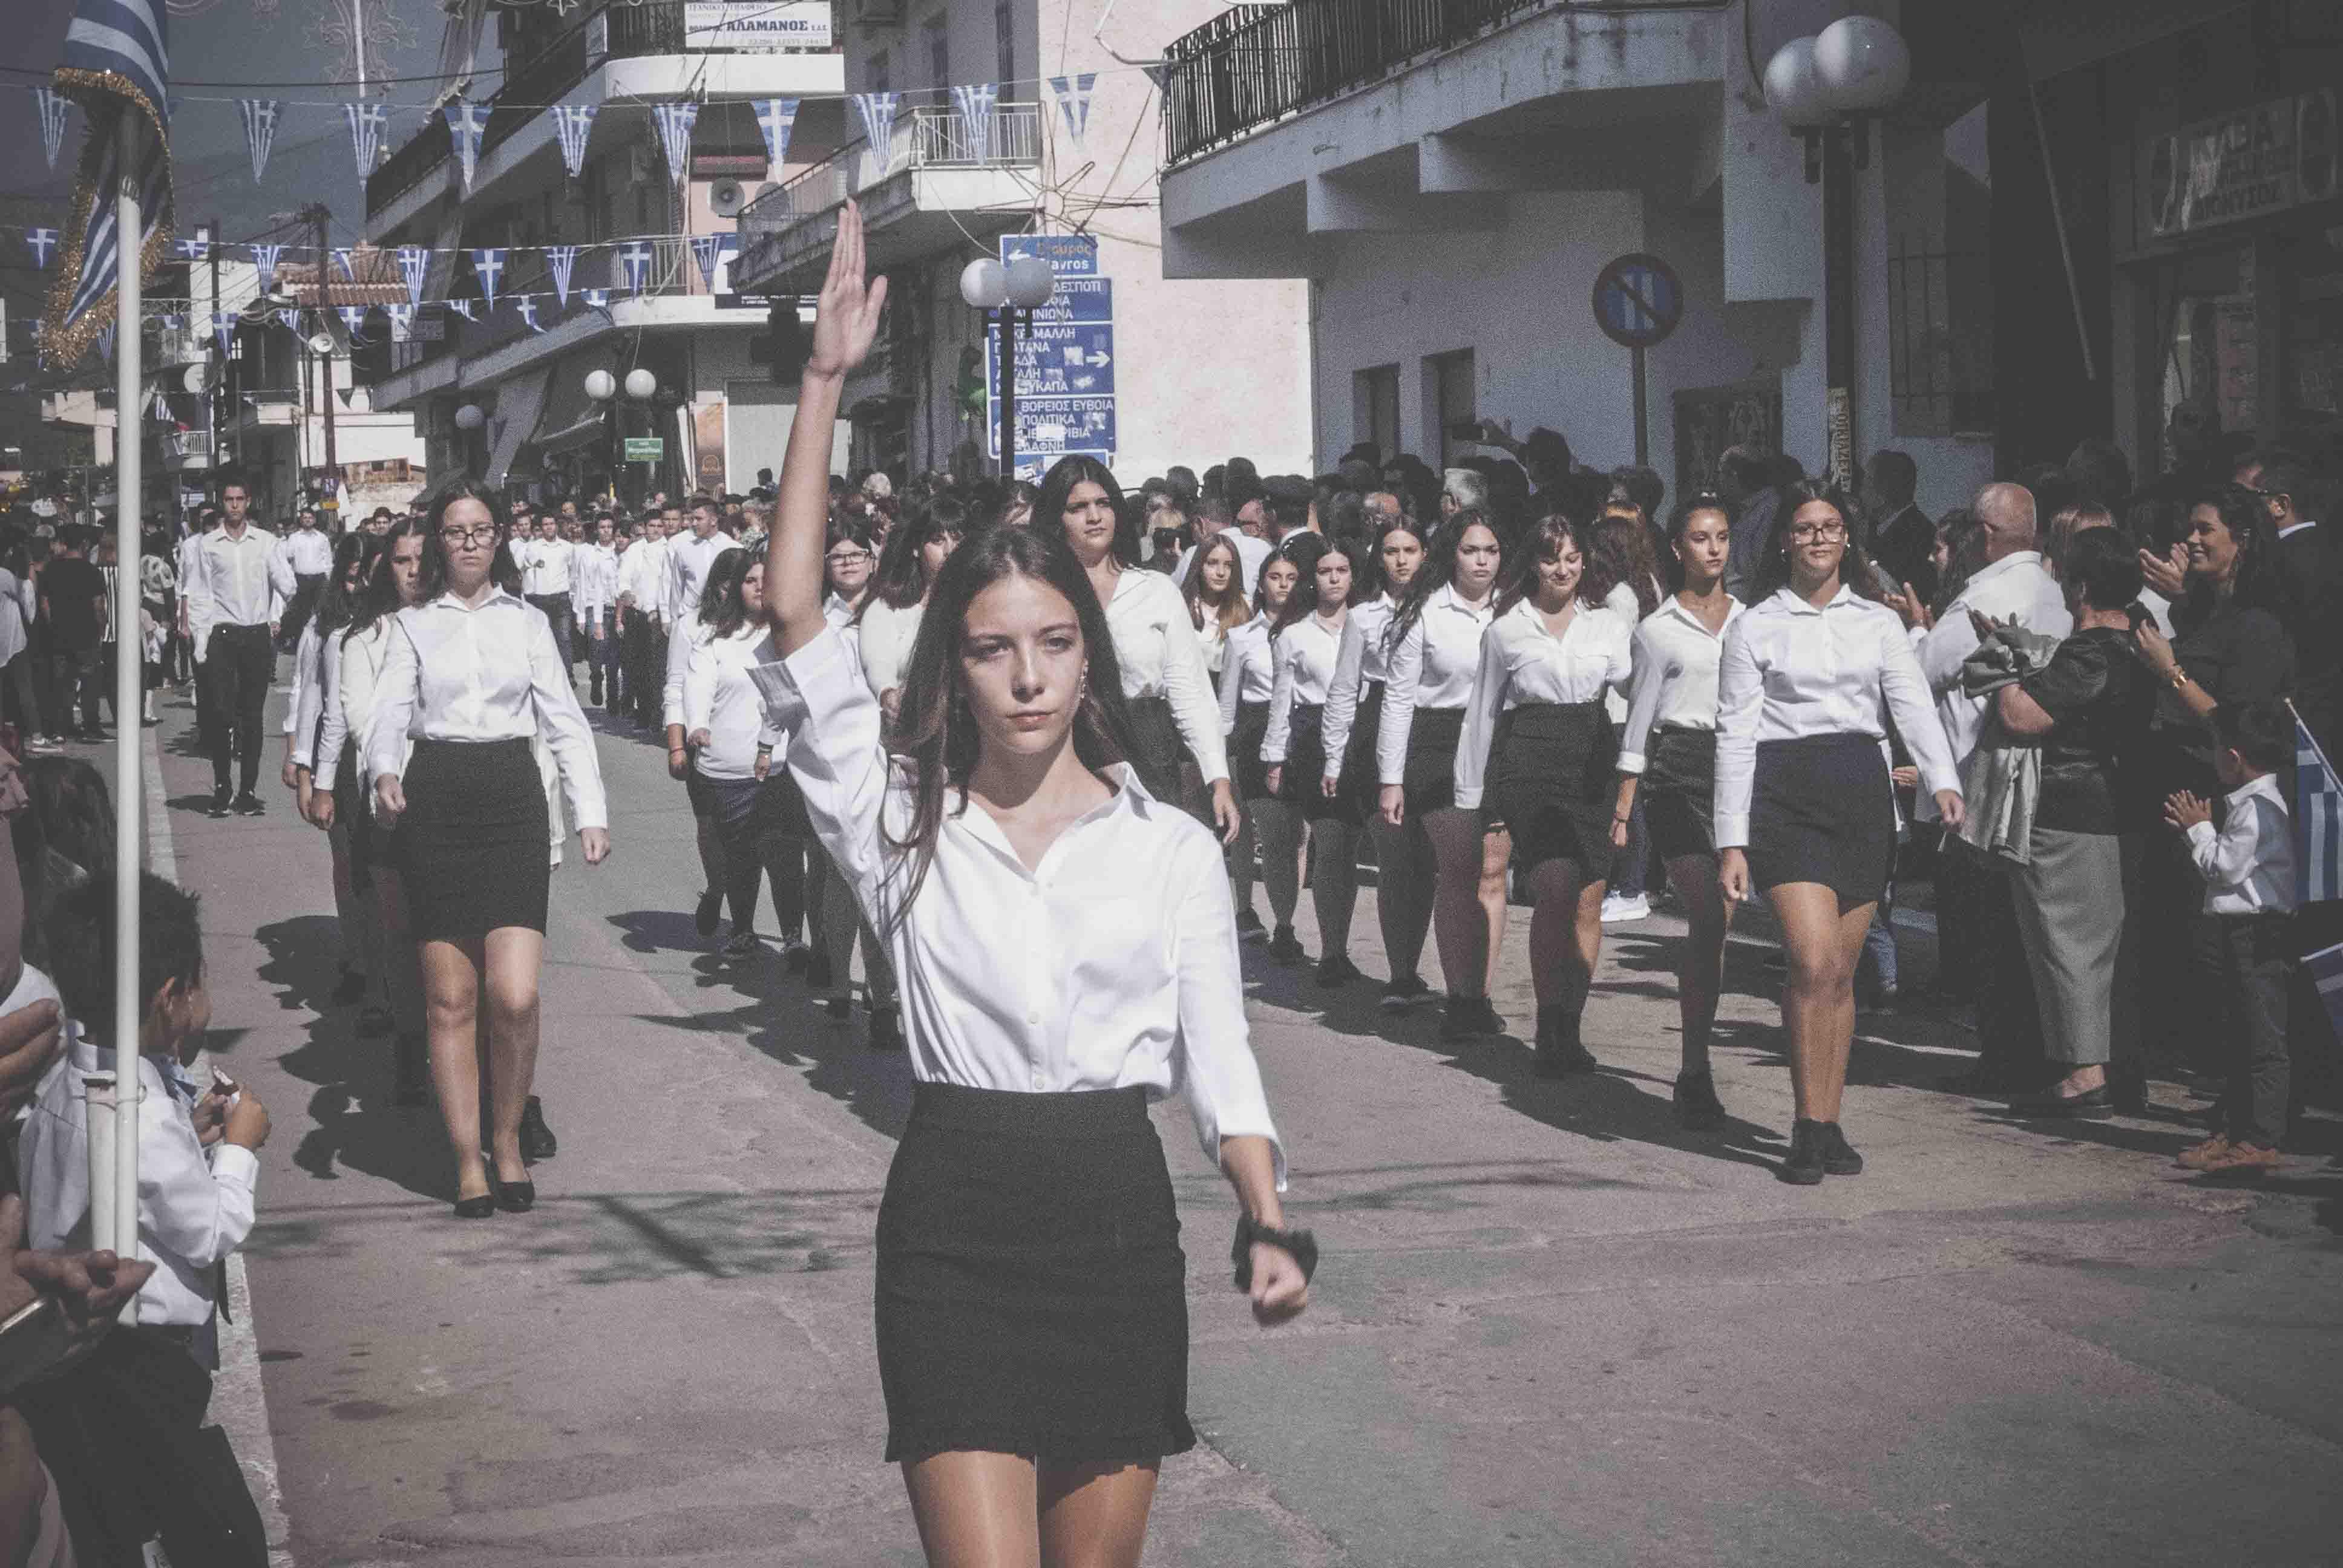 Φωτογραφικό υλικό από την παρέλαση στα Ψαχνά DSC 0419  Η παρέλαση της 28ης Οκτωβρίου σε Καστέλλα και Ψαχνά (φωτό) DSC 0419